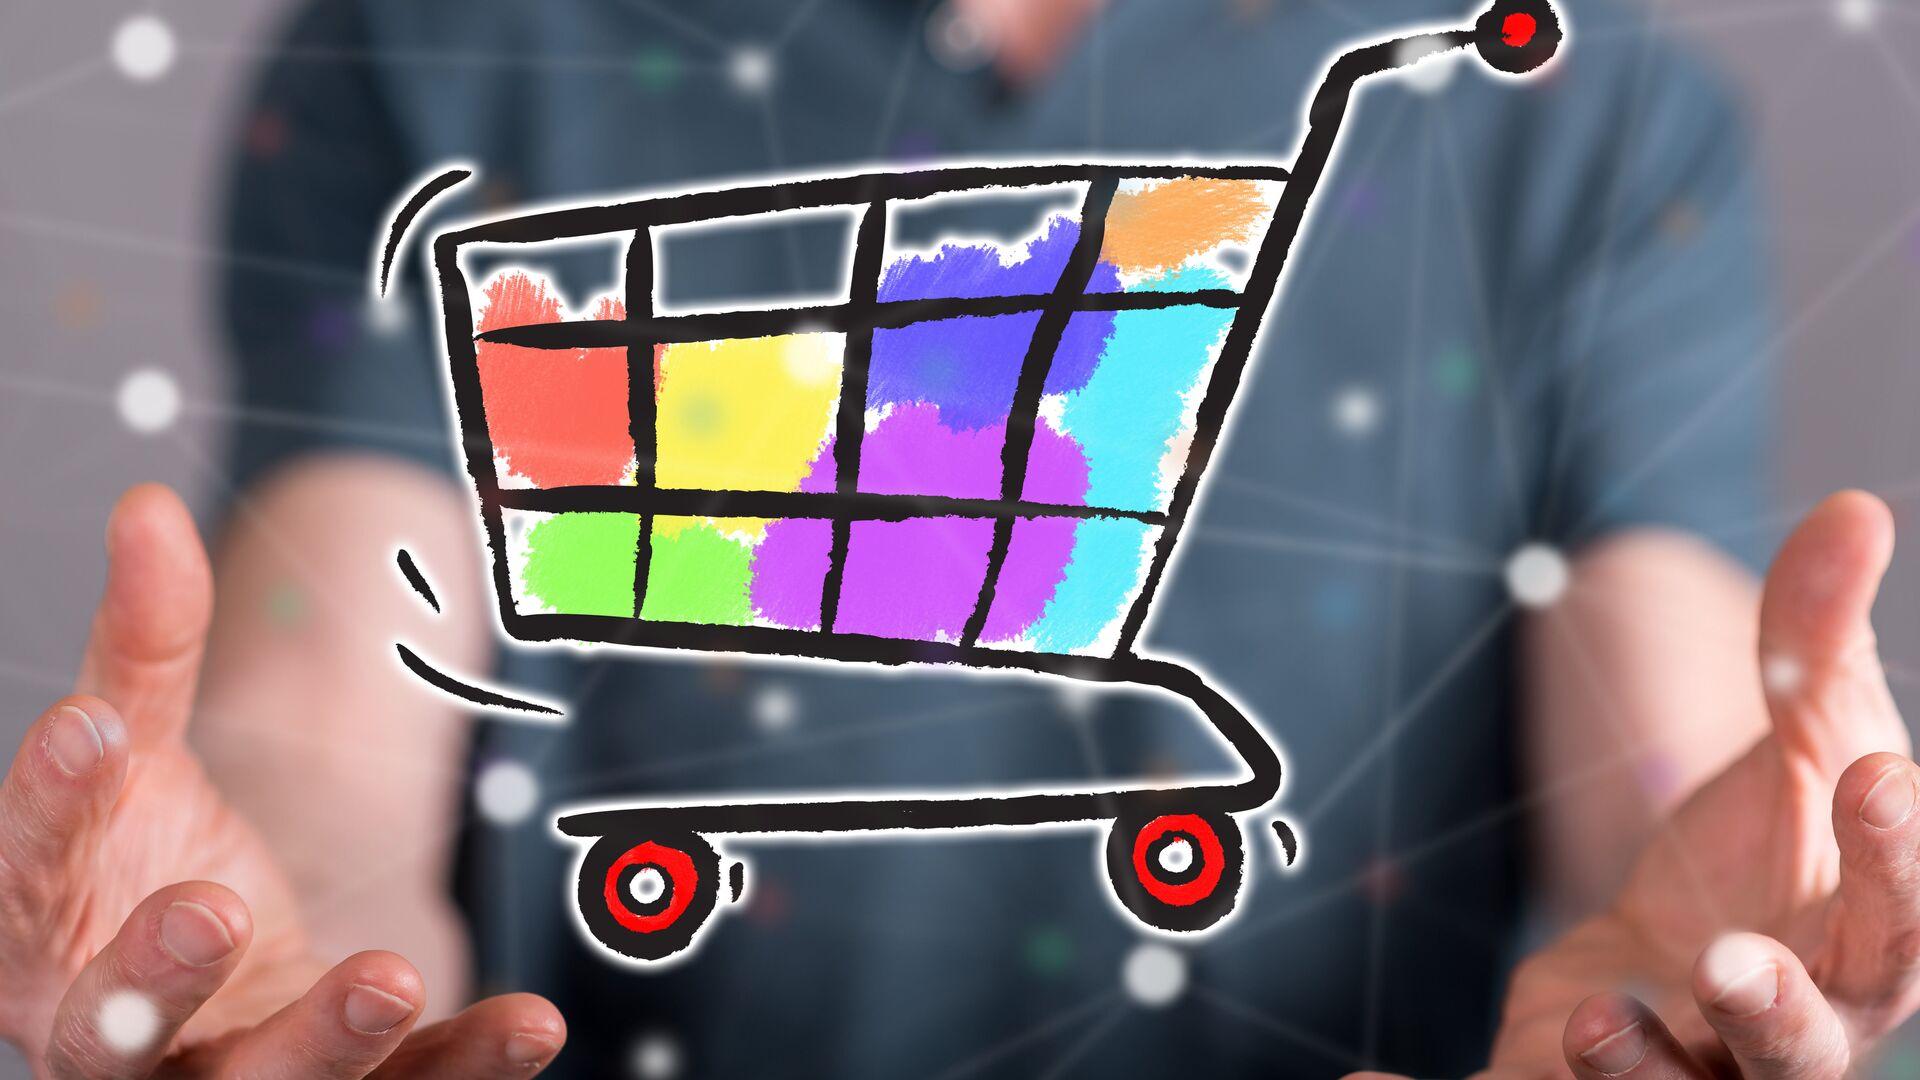 Аналитик рассказал, как сделать покупки в интернете безопасными